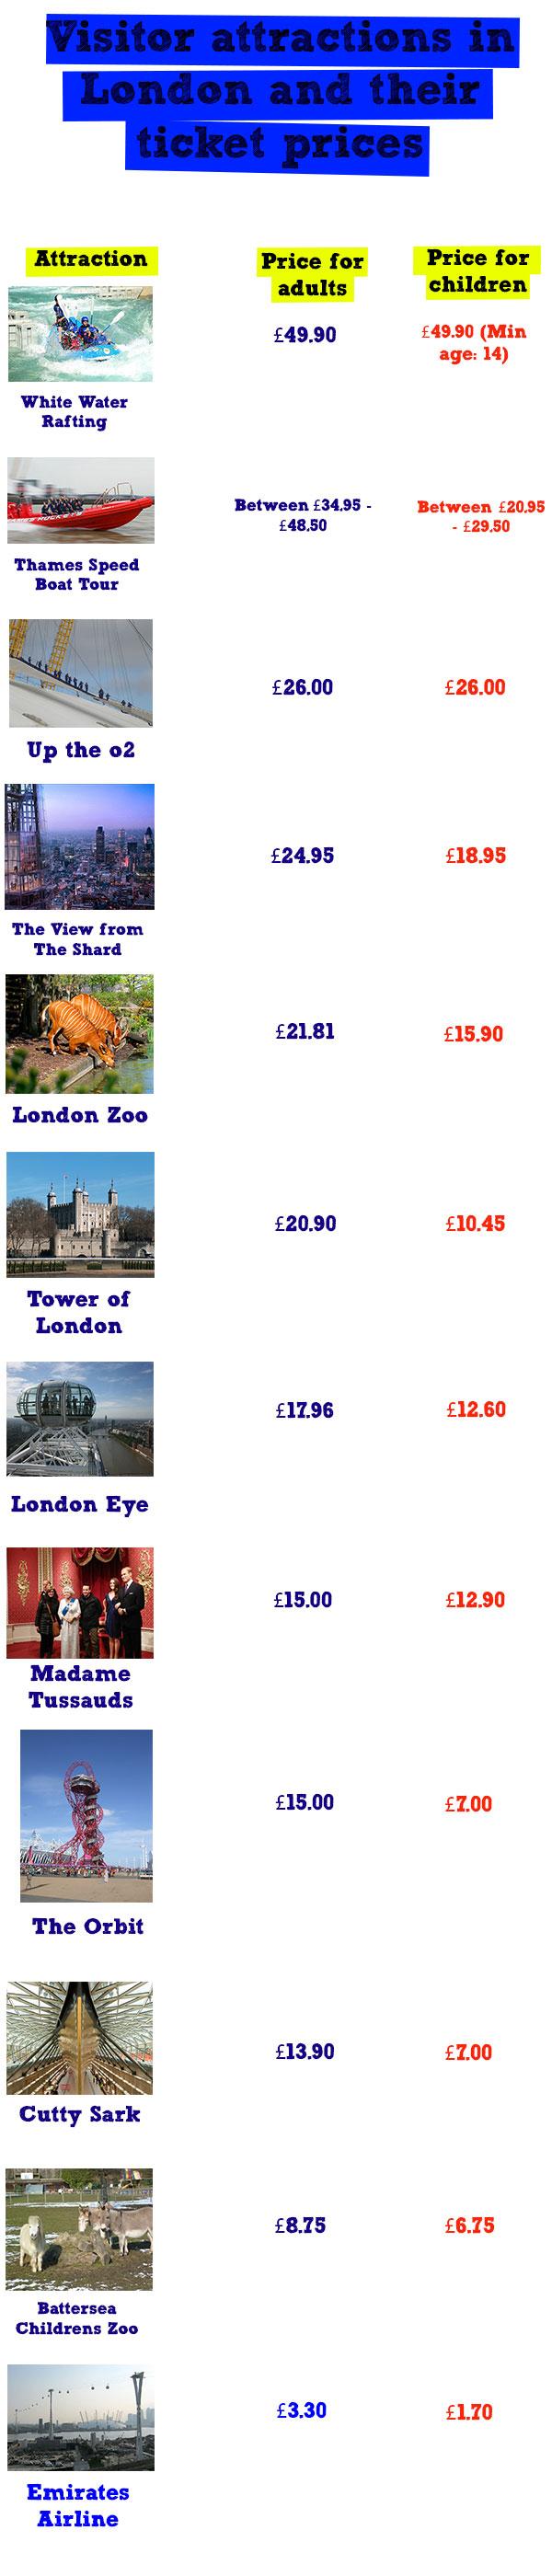 London Attractions Price Comparison